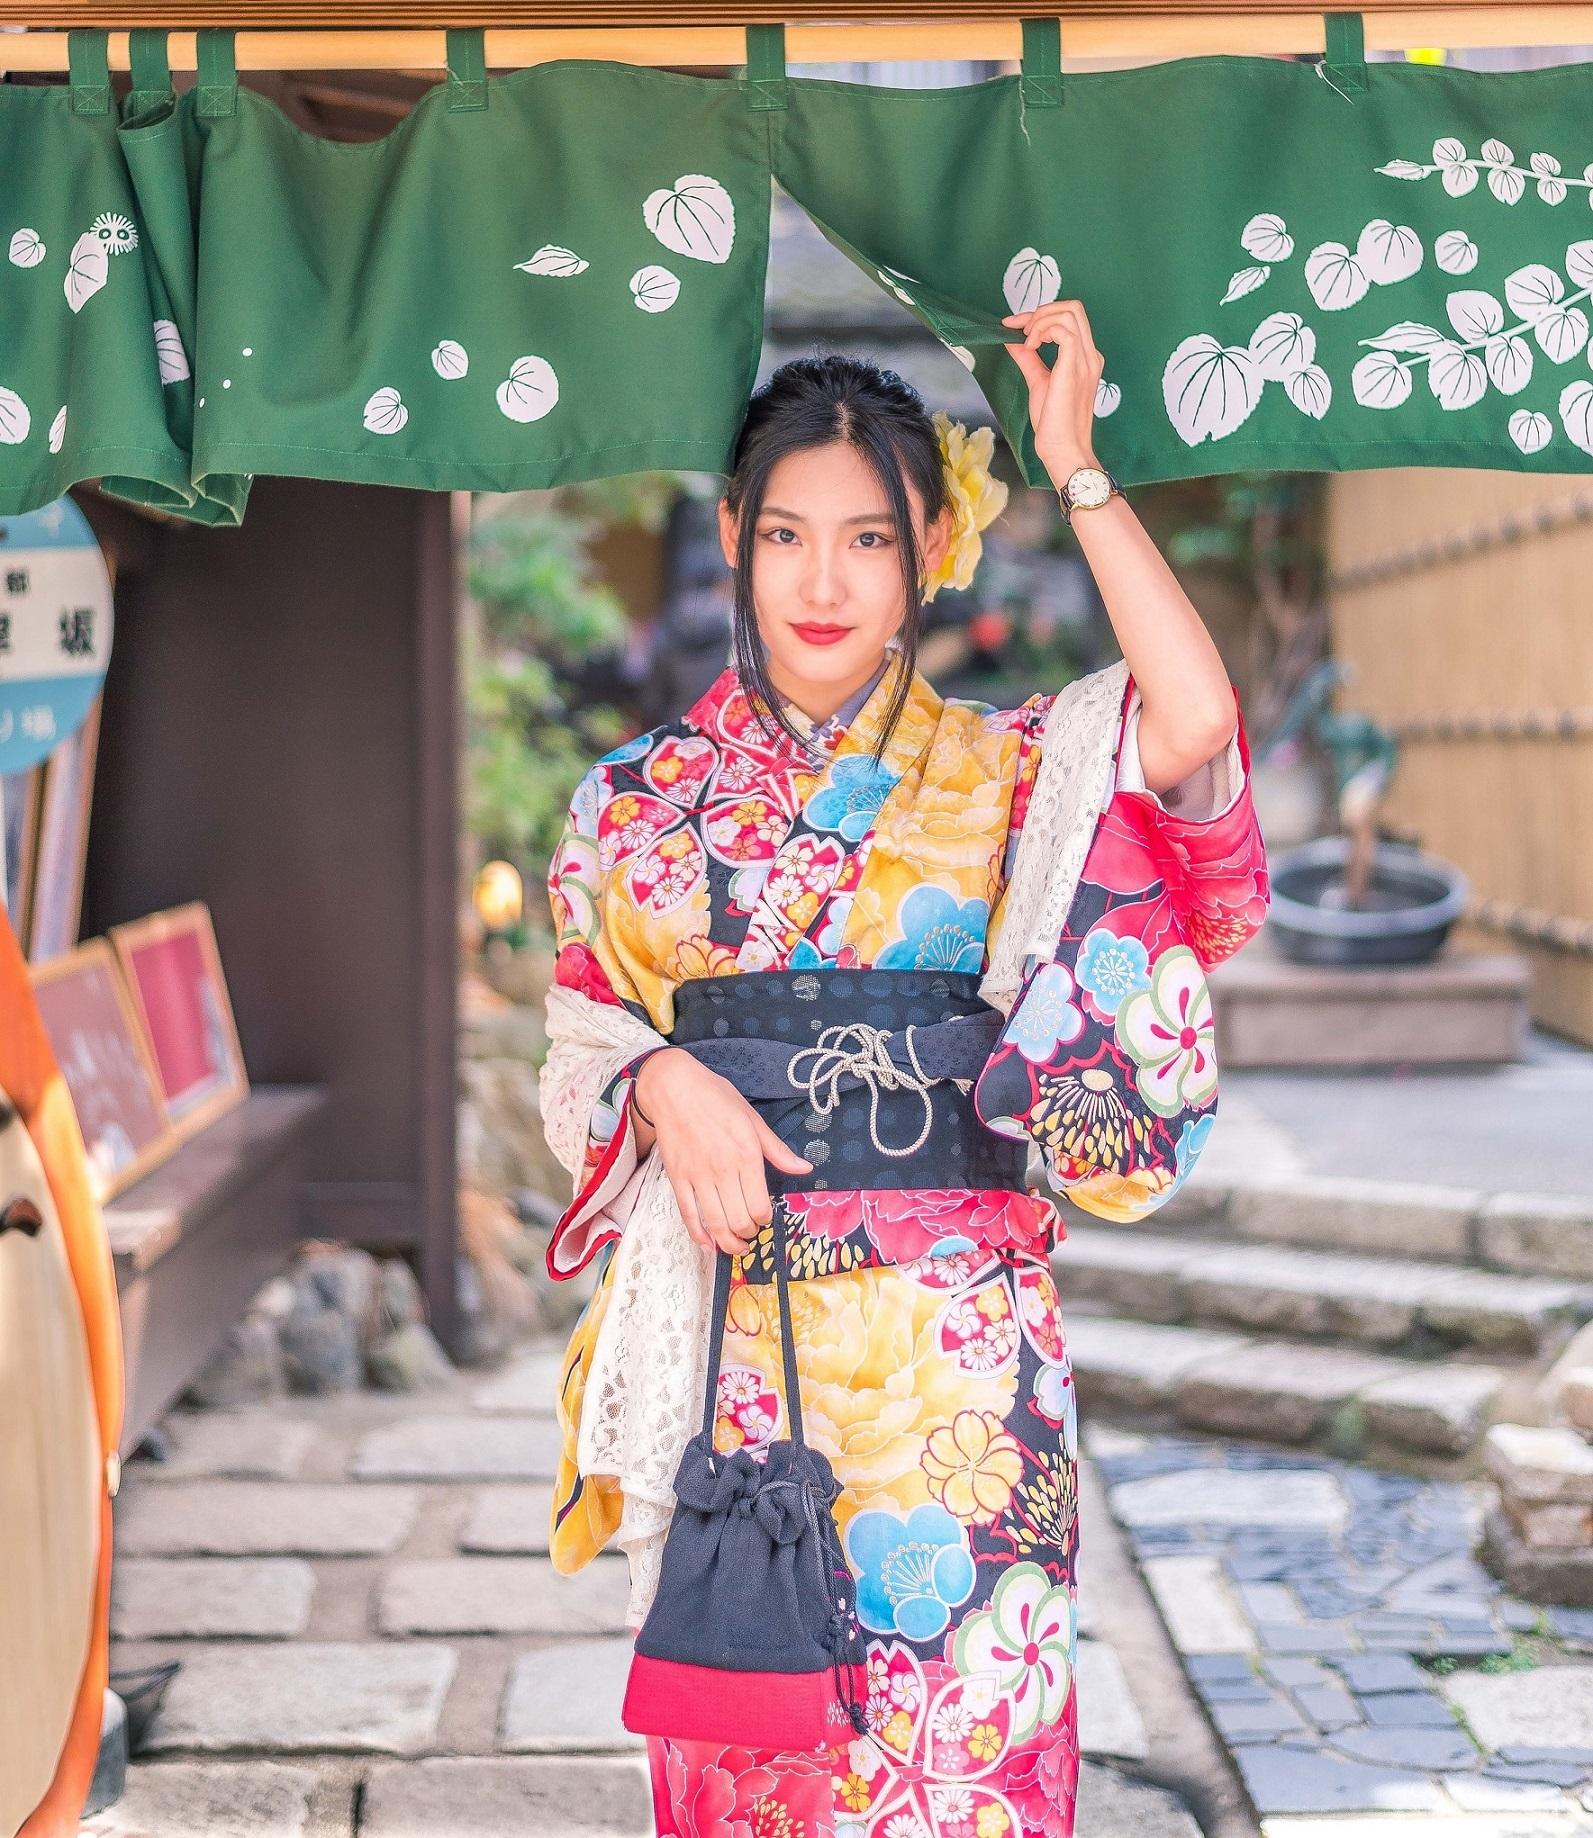 Experience Rental Kimono and Yukata in Kyoto - Voyagin